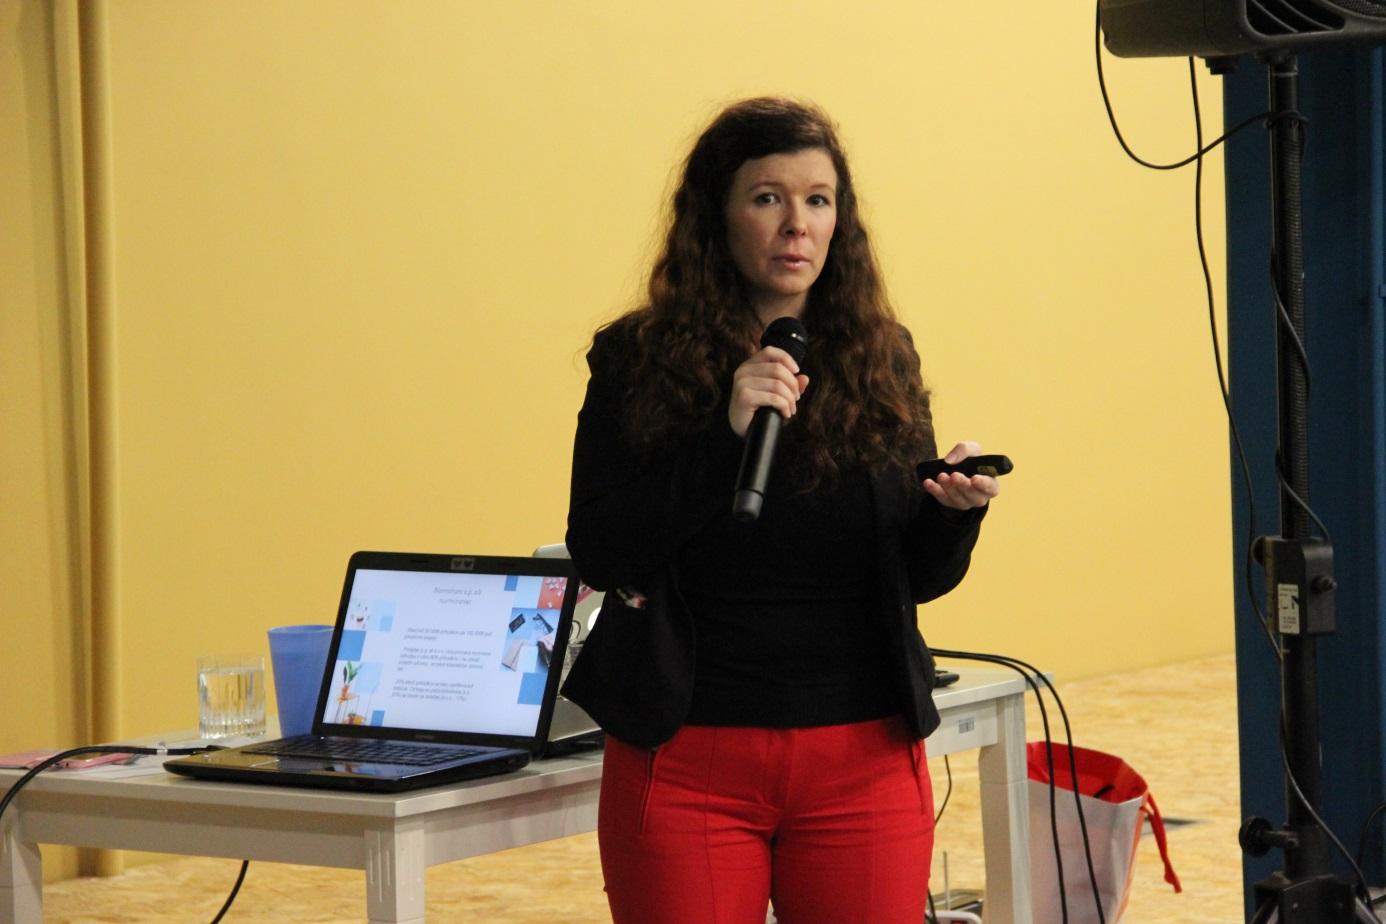 Slika 6: Nika Močnik, Acceleration Business City HUB